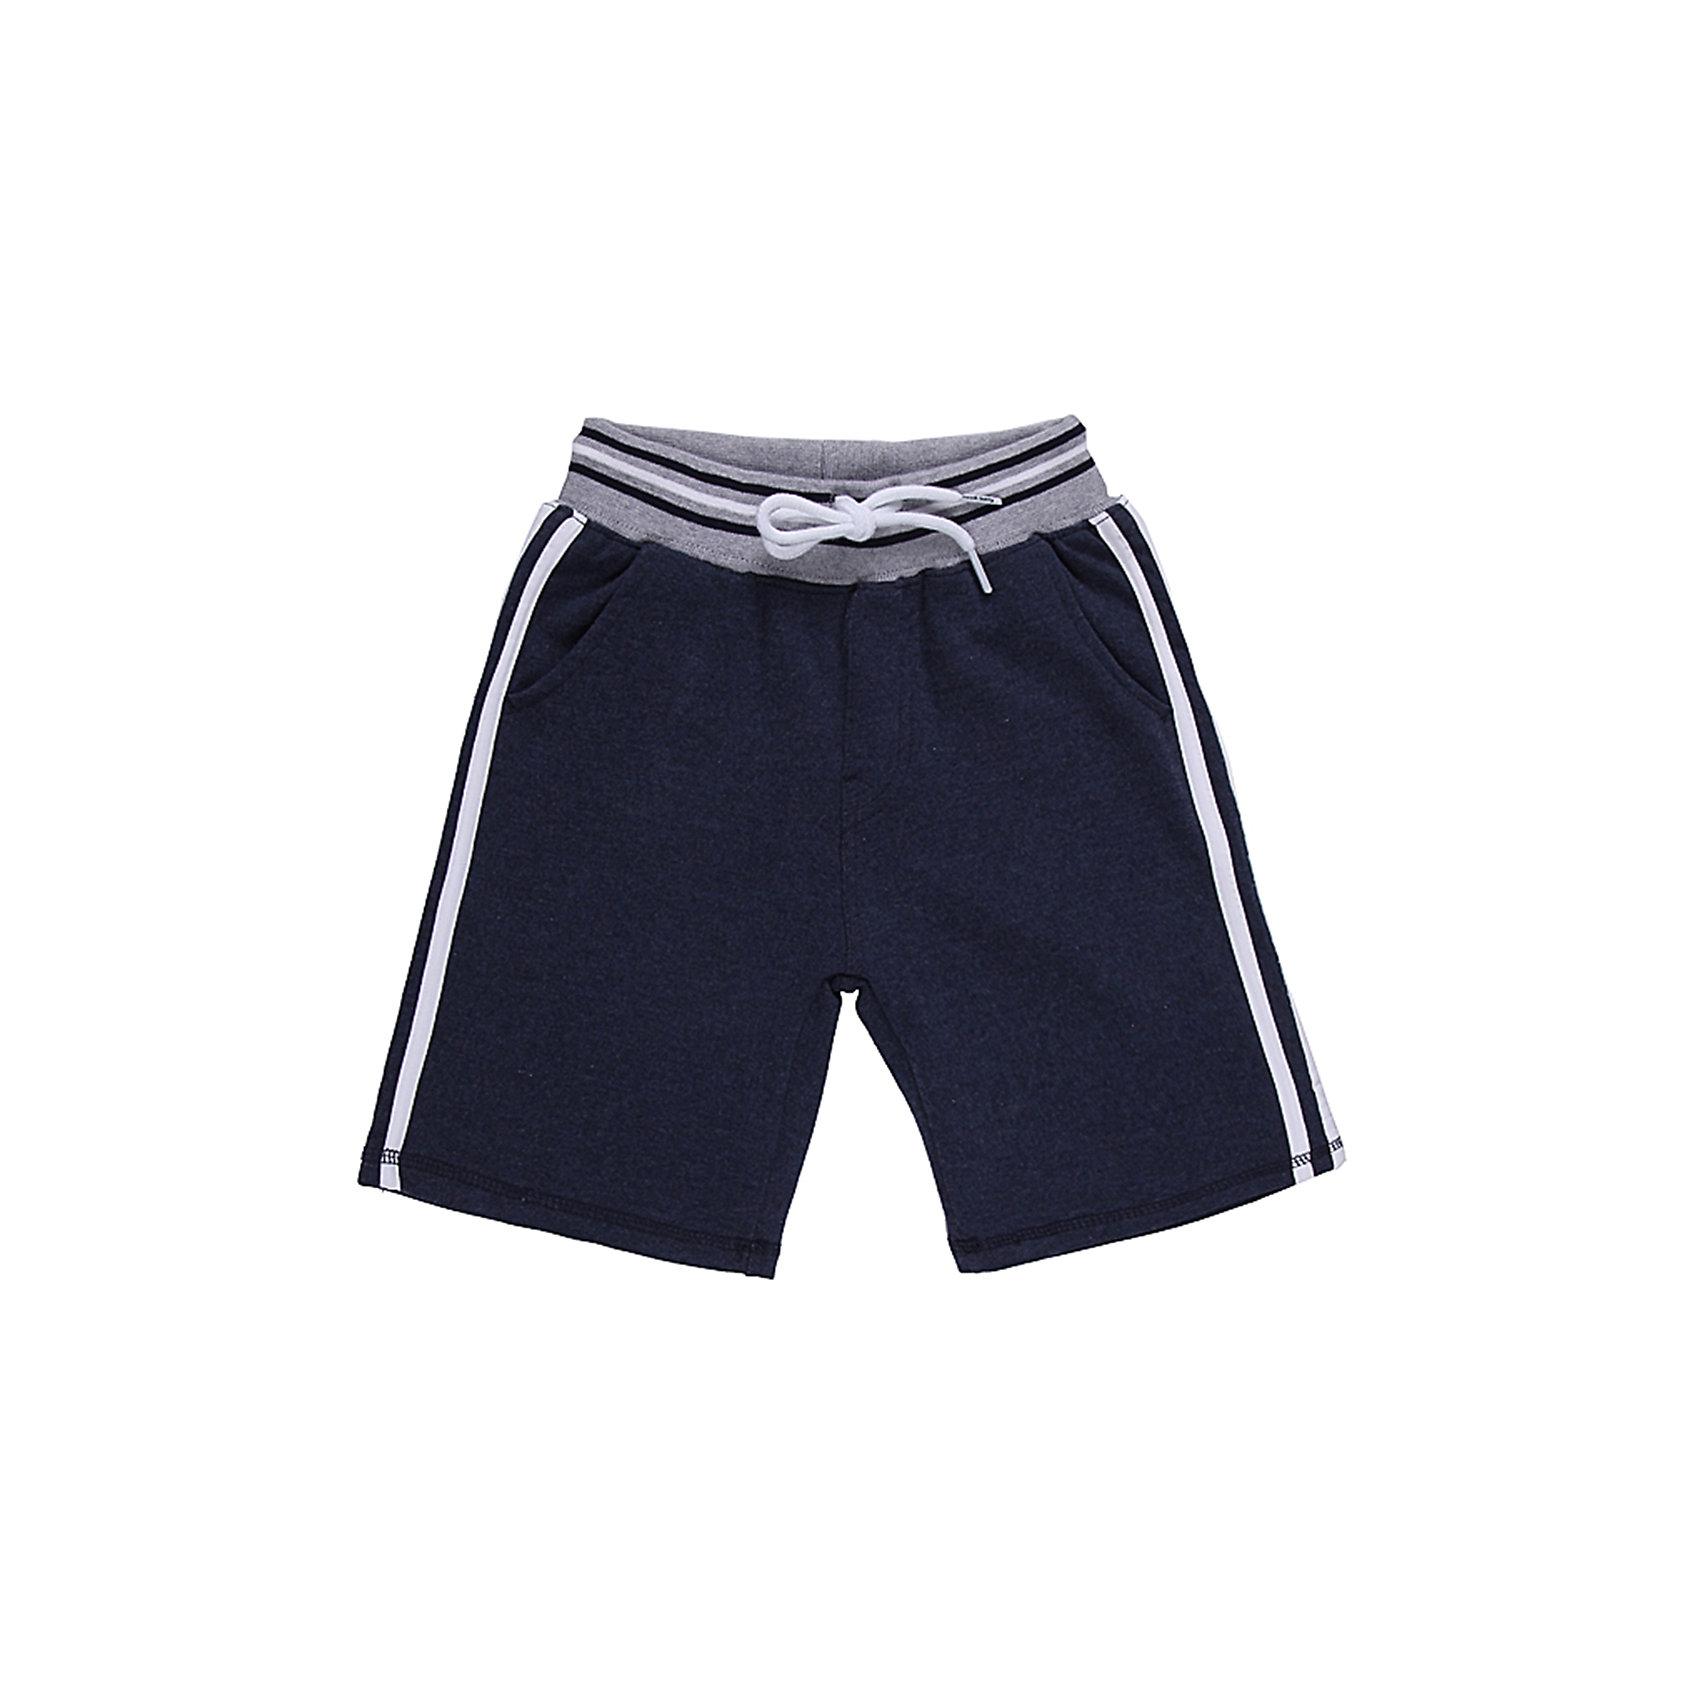 Бриджи для мальчика Sweet BerryТрикотажные шорты для мальчика, красивого синего цвета с контрастными вставками. Пояс с внутренней резинкой и дополнительным хлопковым шнурком.<br>Состав:<br>95% хлопок 5% эластан<br><br>Ширина мм: 191<br>Глубина мм: 10<br>Высота мм: 175<br>Вес г: 273<br>Цвет: синий/белый<br>Возраст от месяцев: 24<br>Возраст до месяцев: 36<br>Пол: Мужской<br>Возраст: Детский<br>Размер: 98,128,116,110,122,104<br>SKU: 4522919